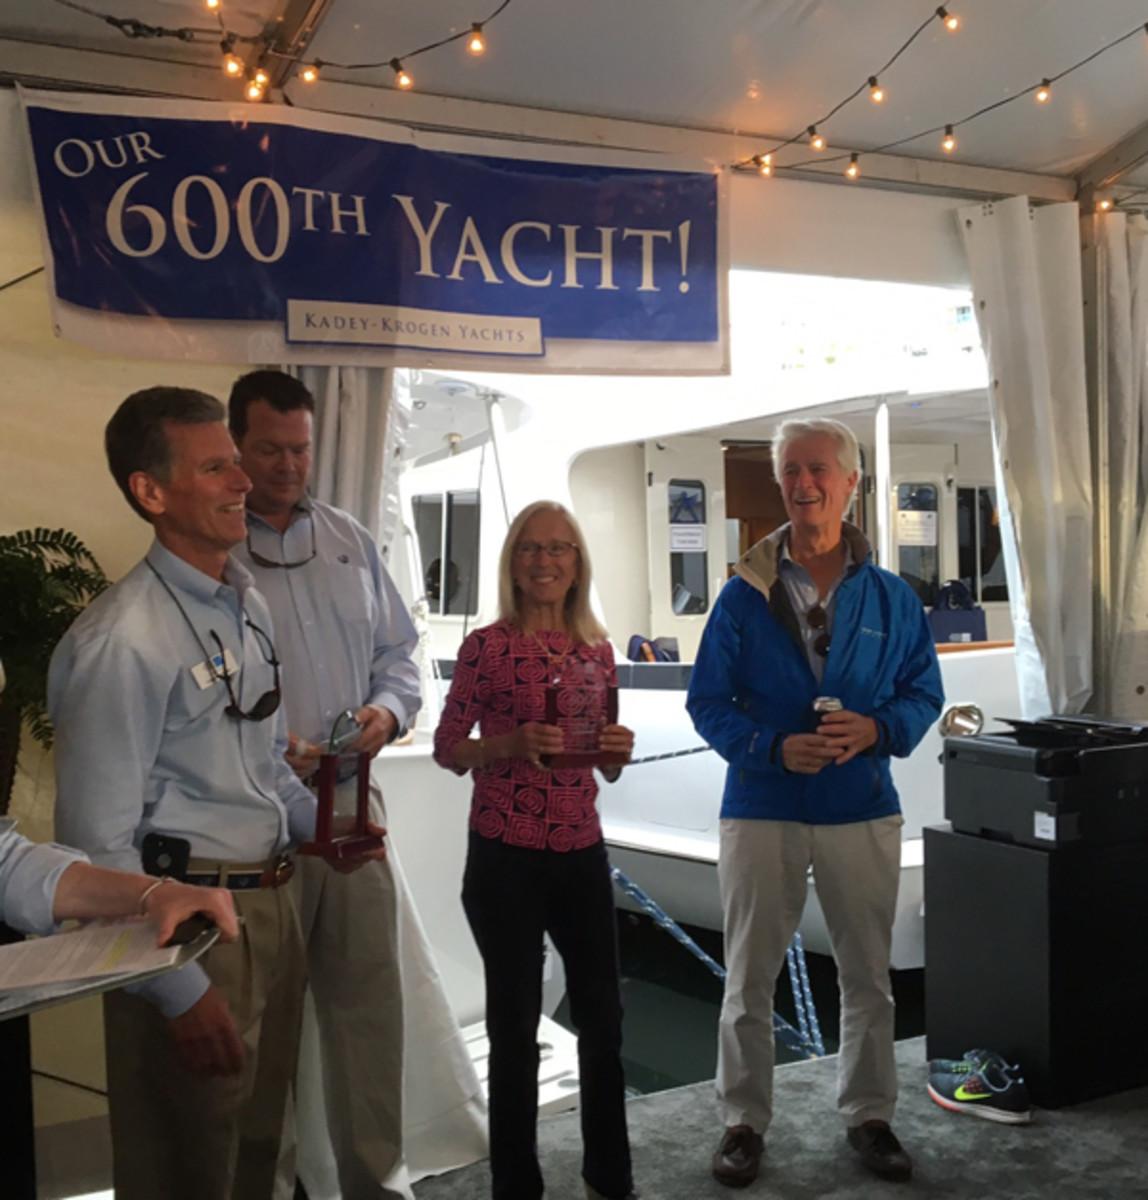 Kadey Krogen celebrated its 600th yacht